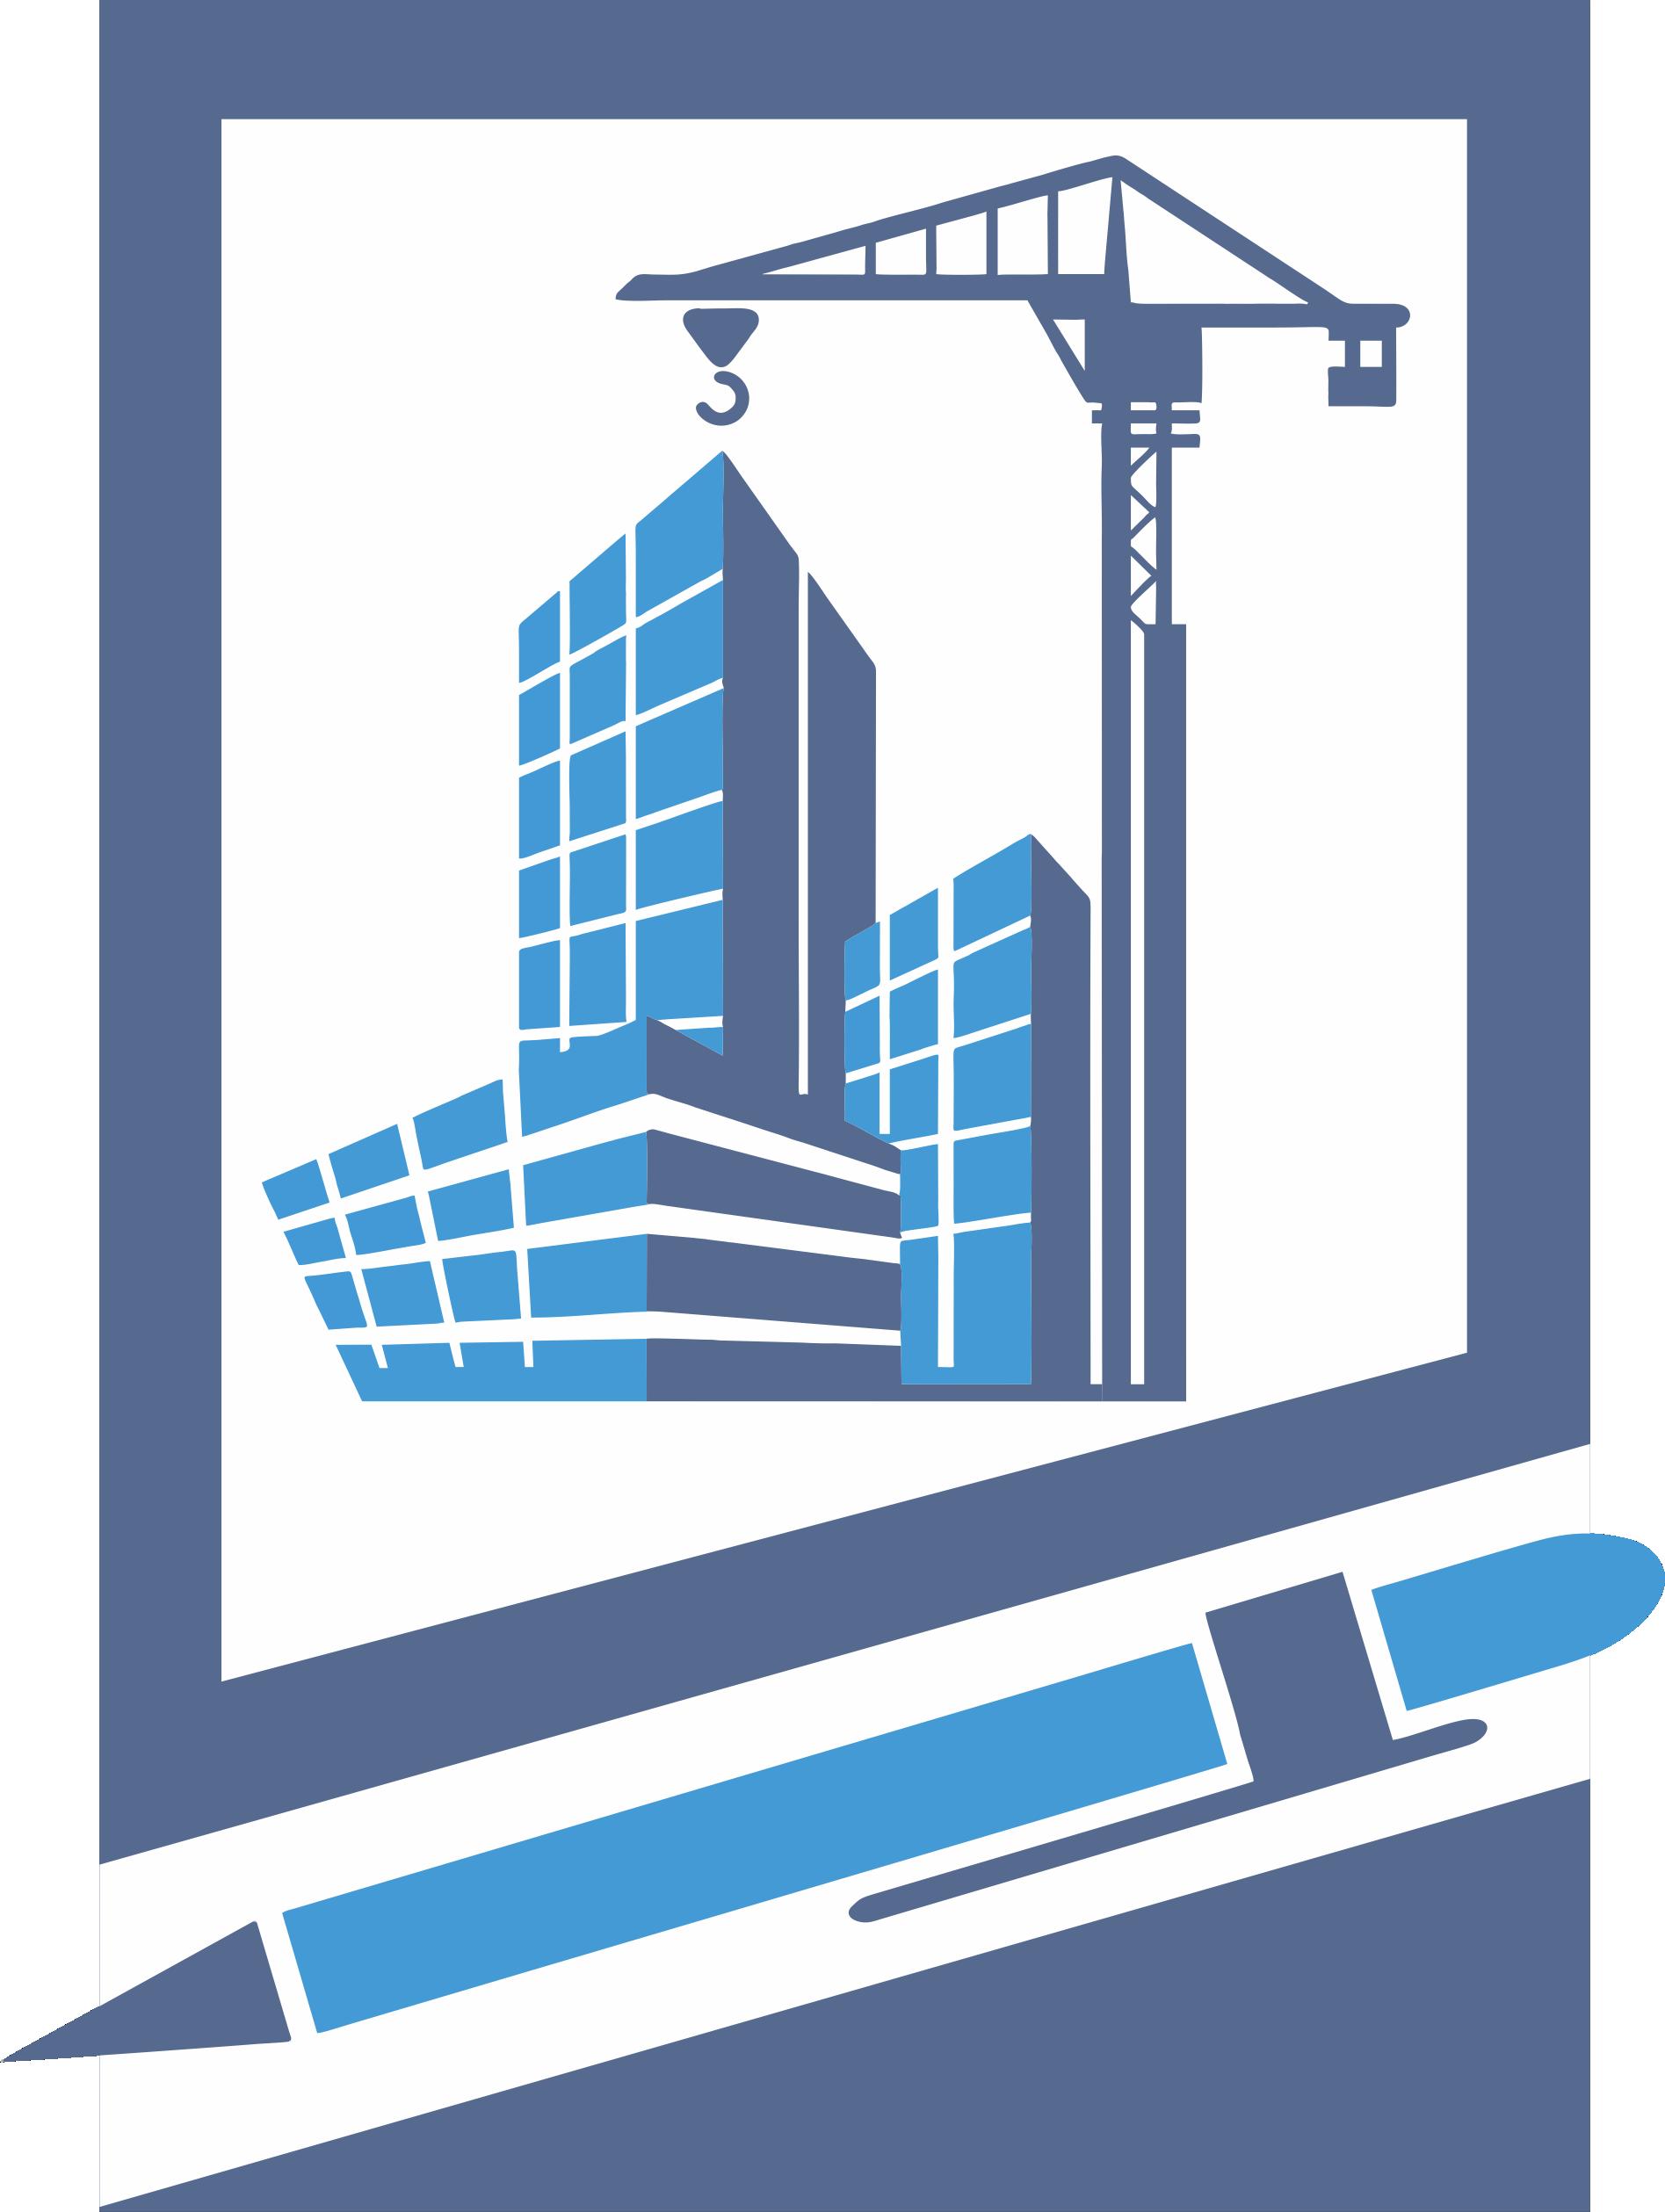 Логотип сметная школа 2020 одобрено